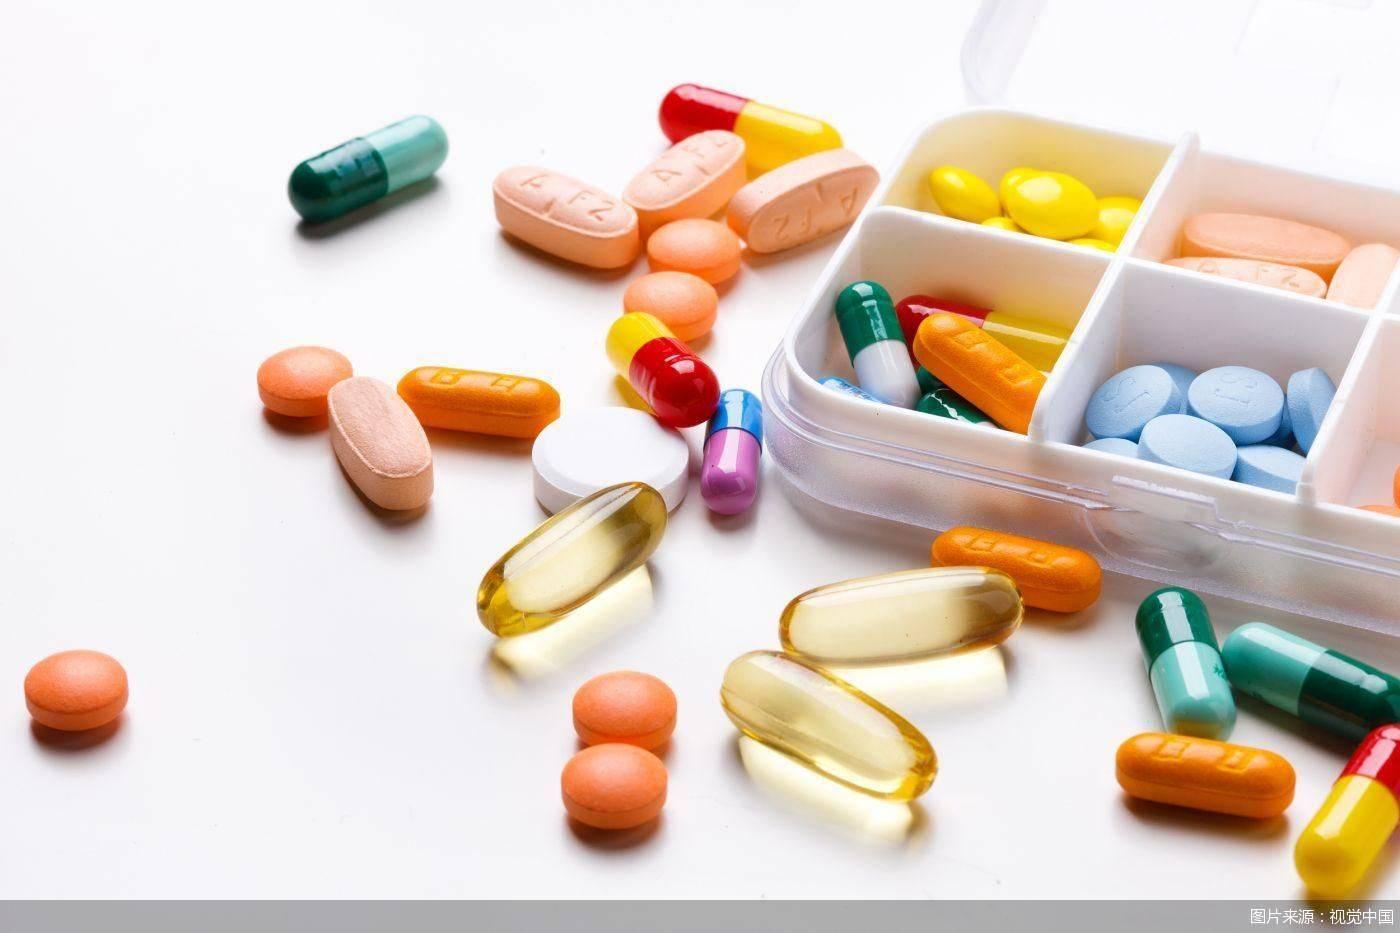 第四批全国药品集采的新变化:兼顾药企利润 大品类注射剂入围